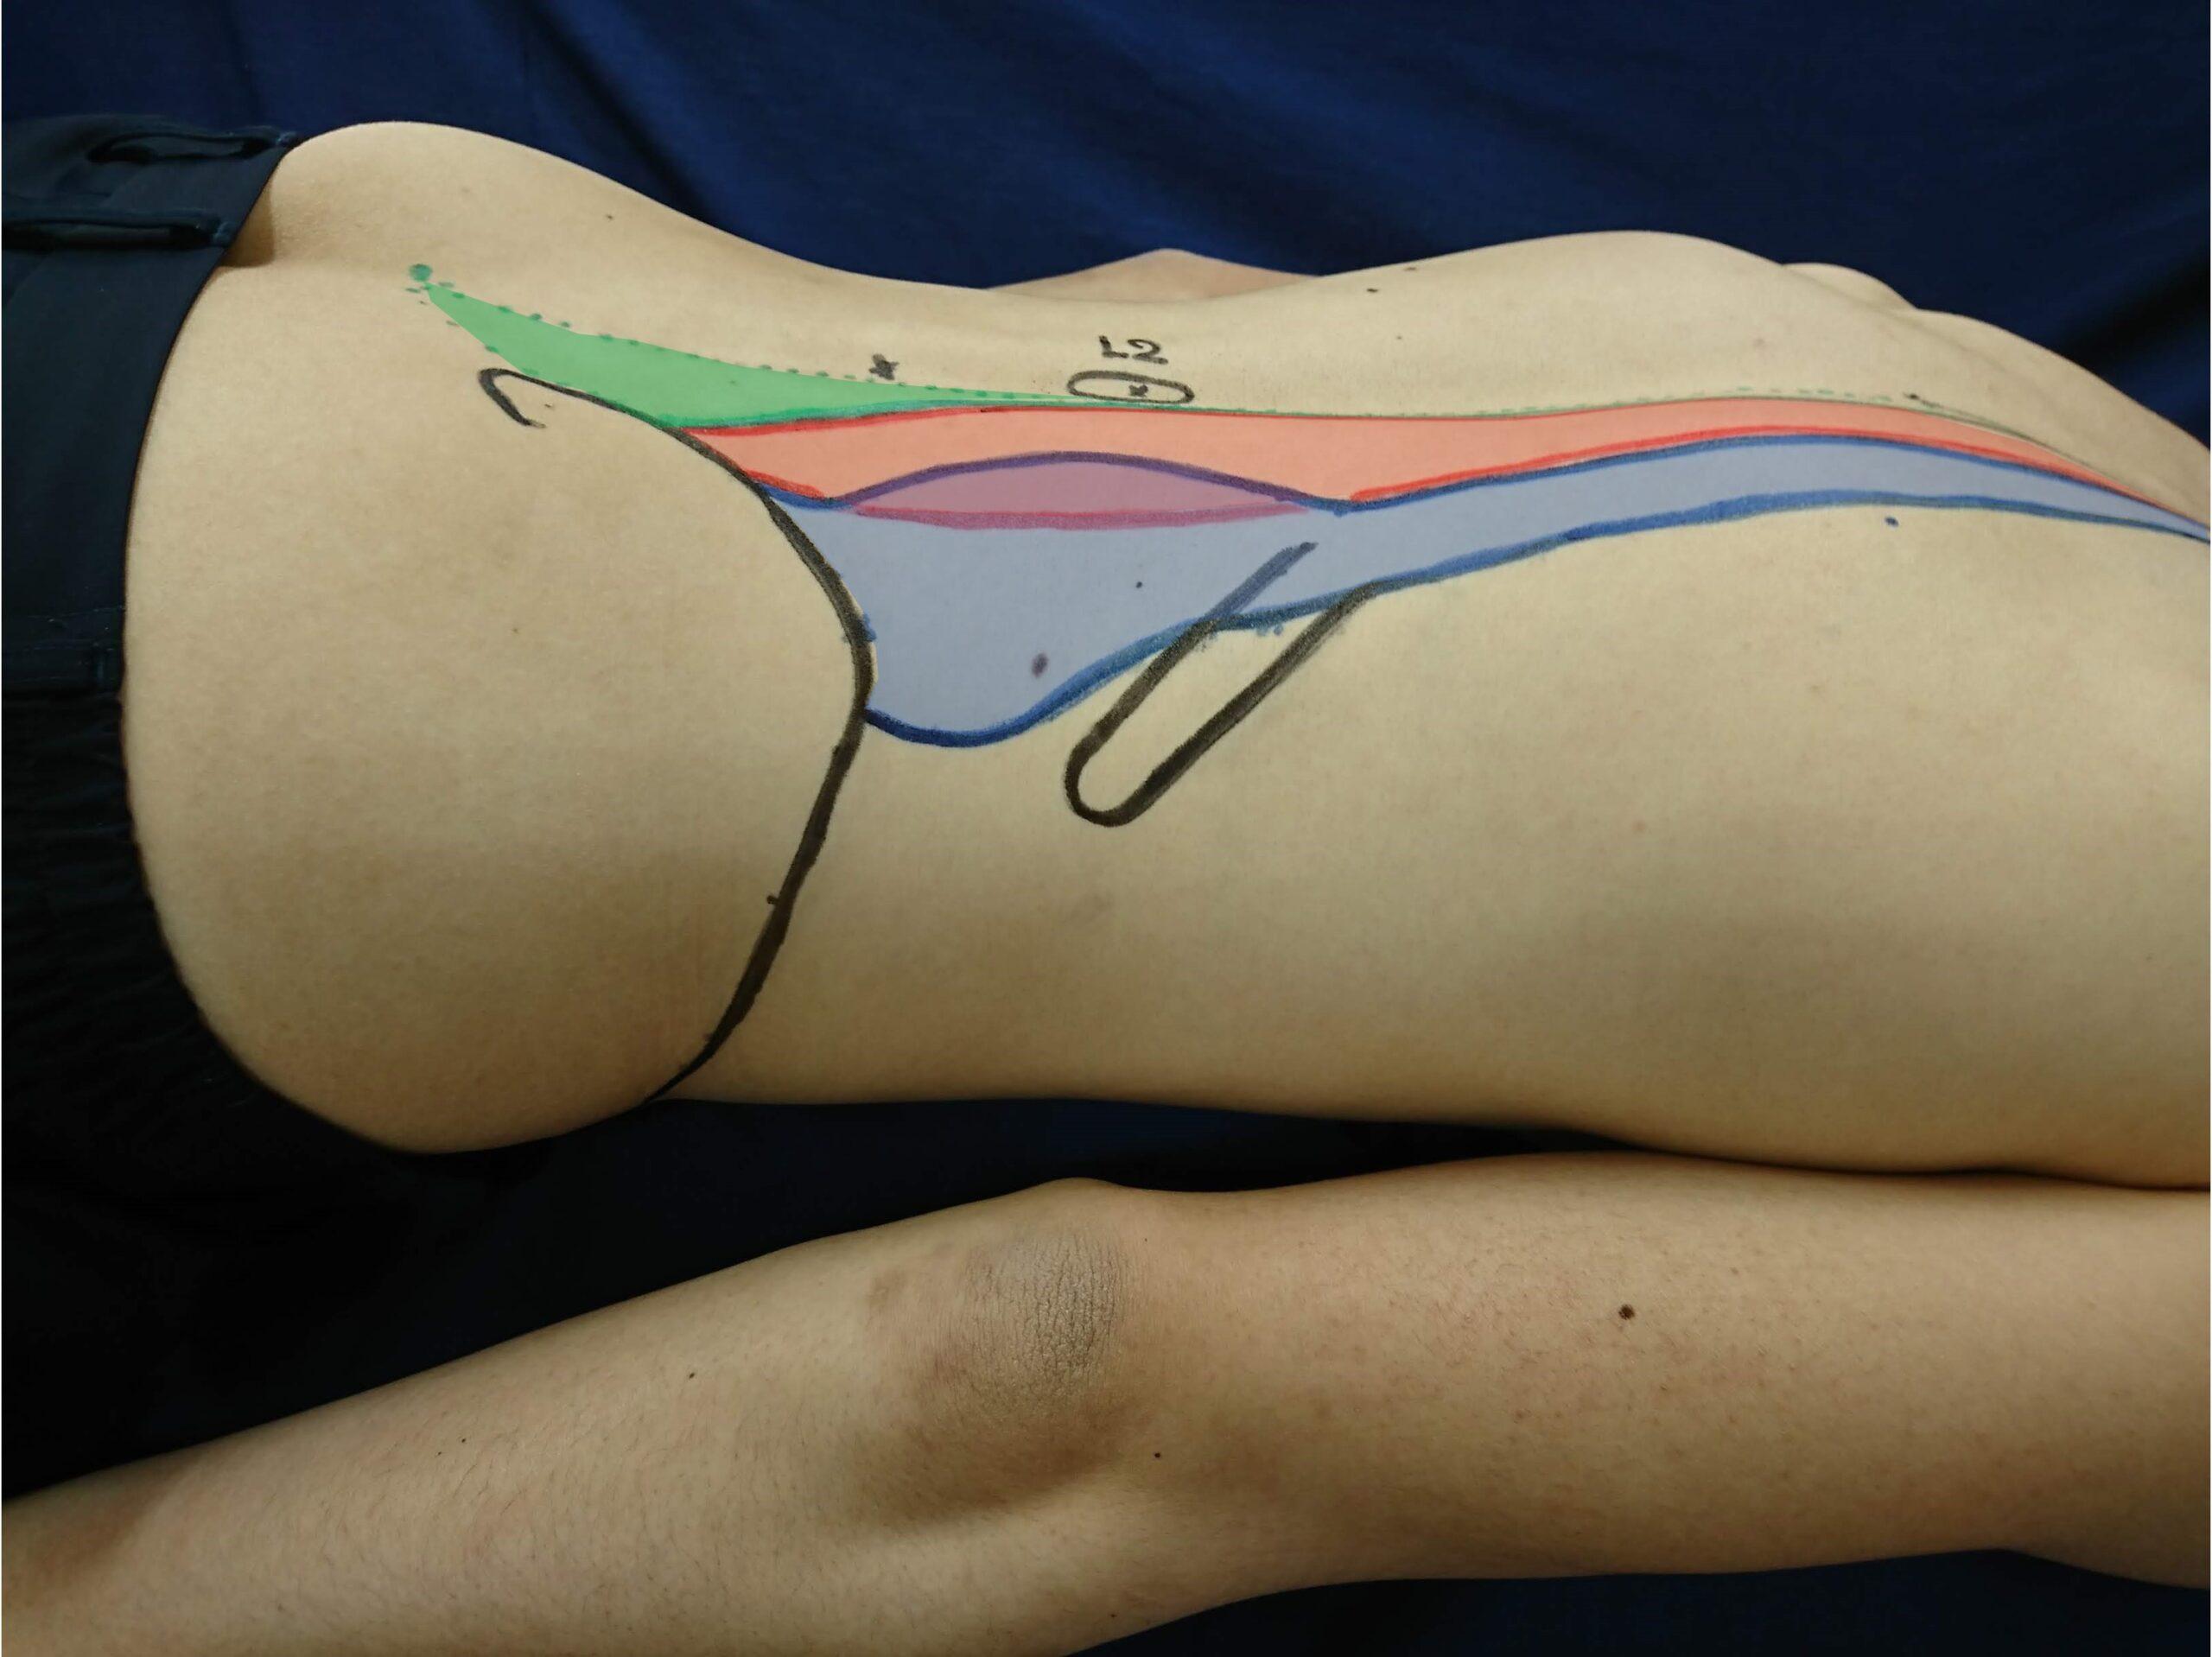 体幹の筋を触察するためのランドマーク